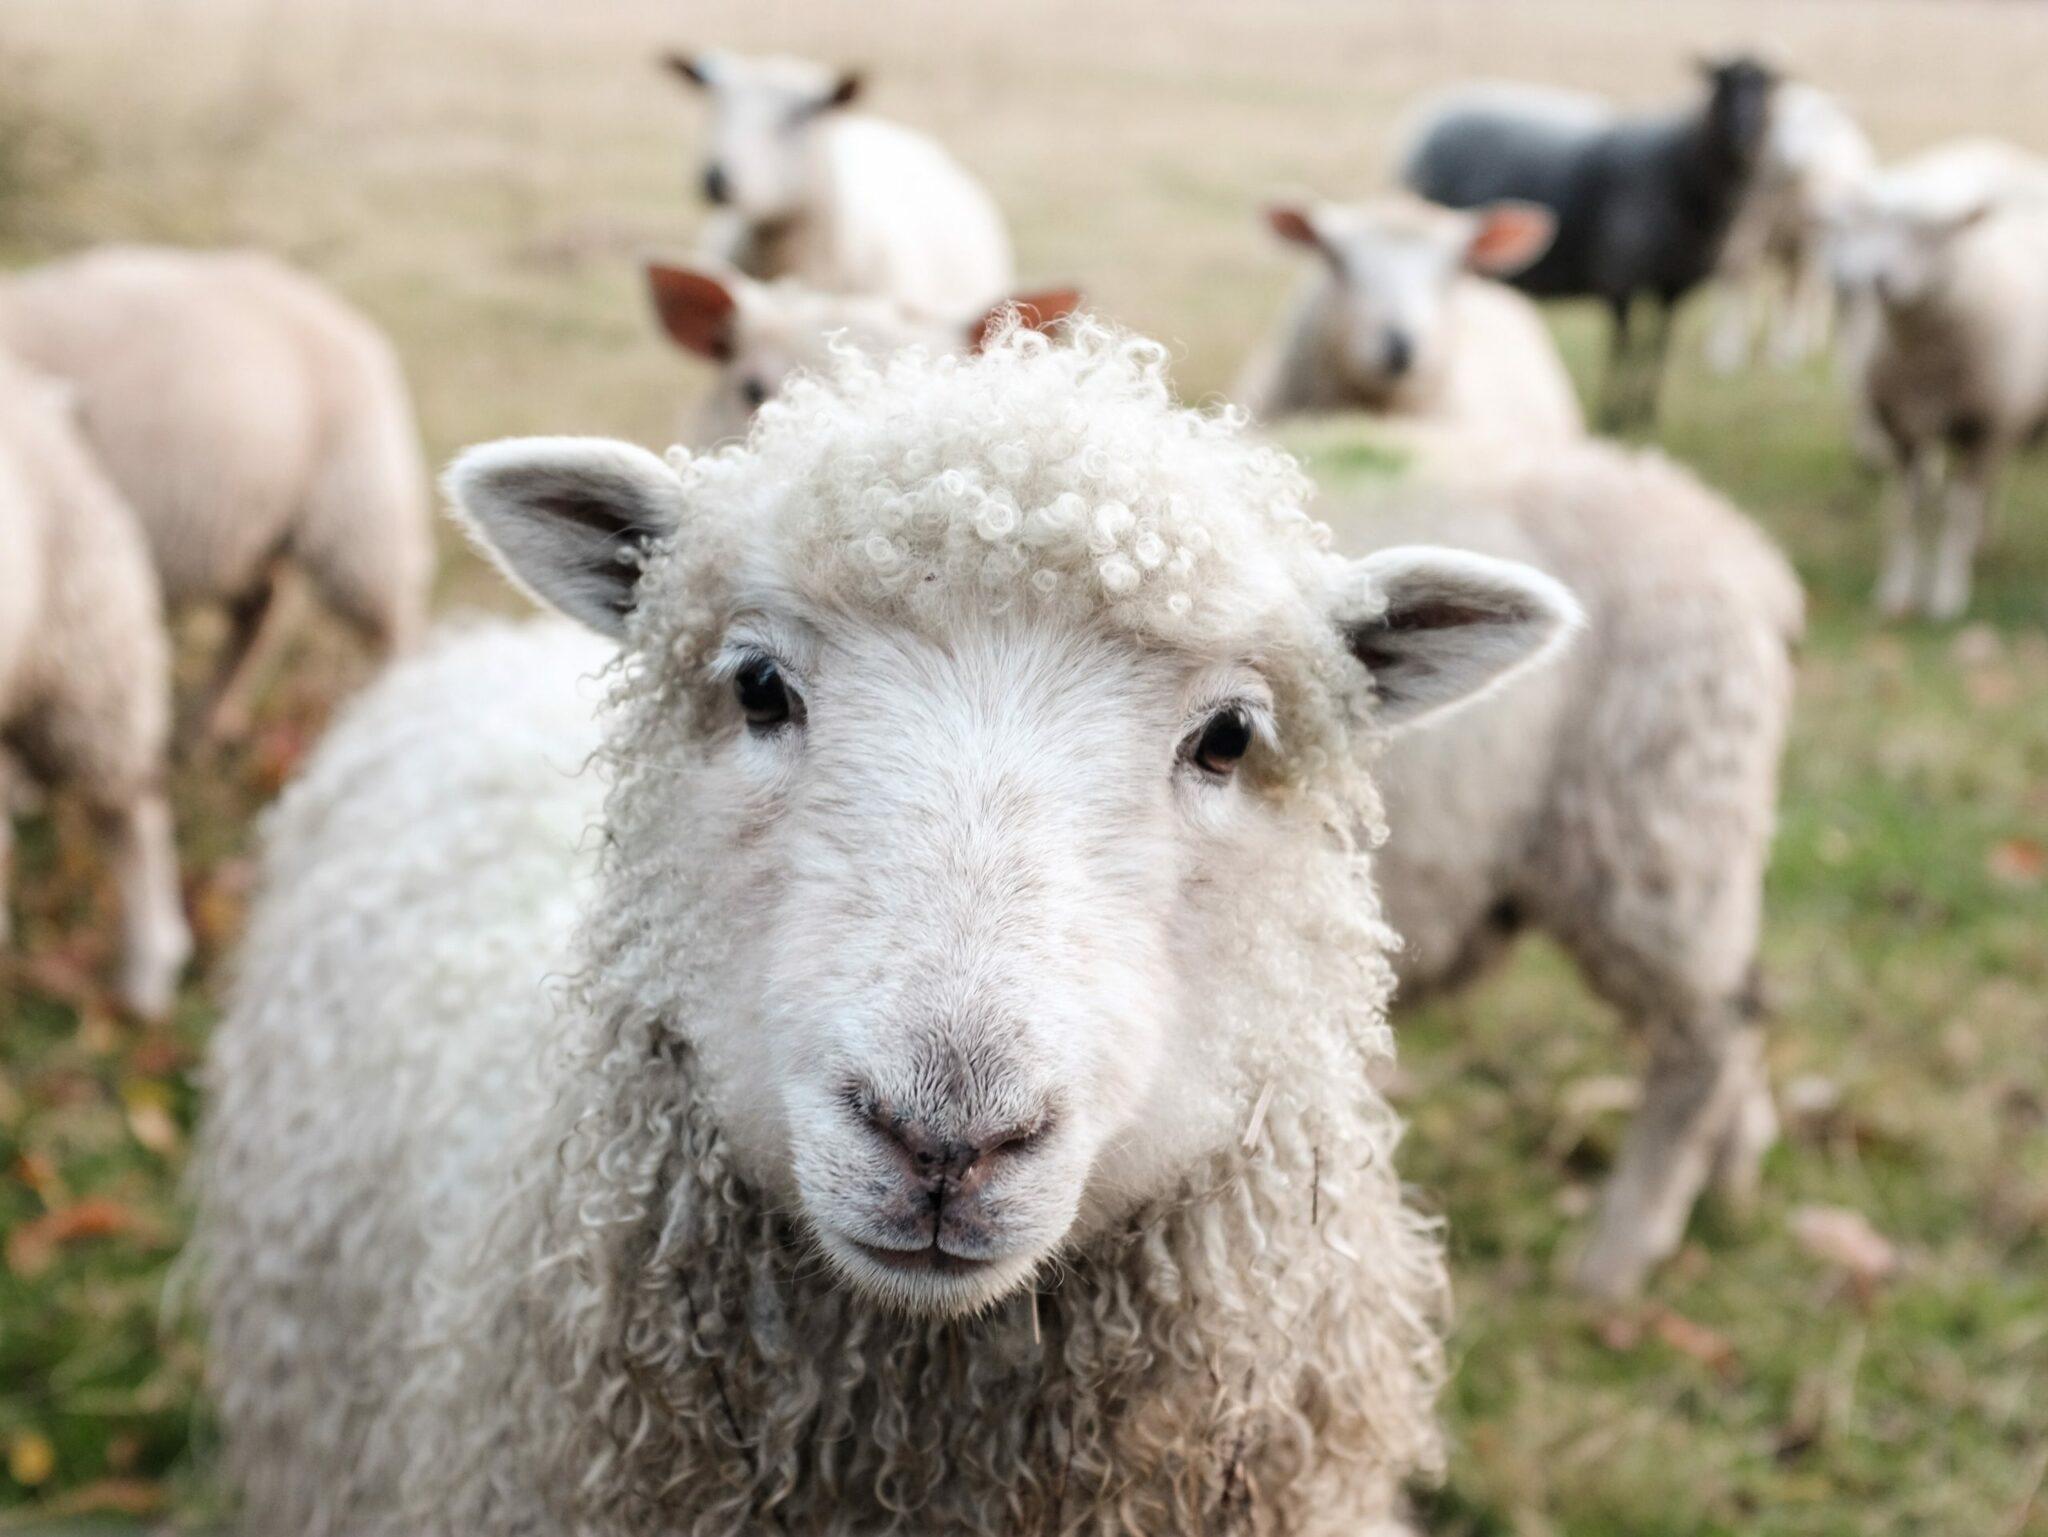 mouton merino eco responsable